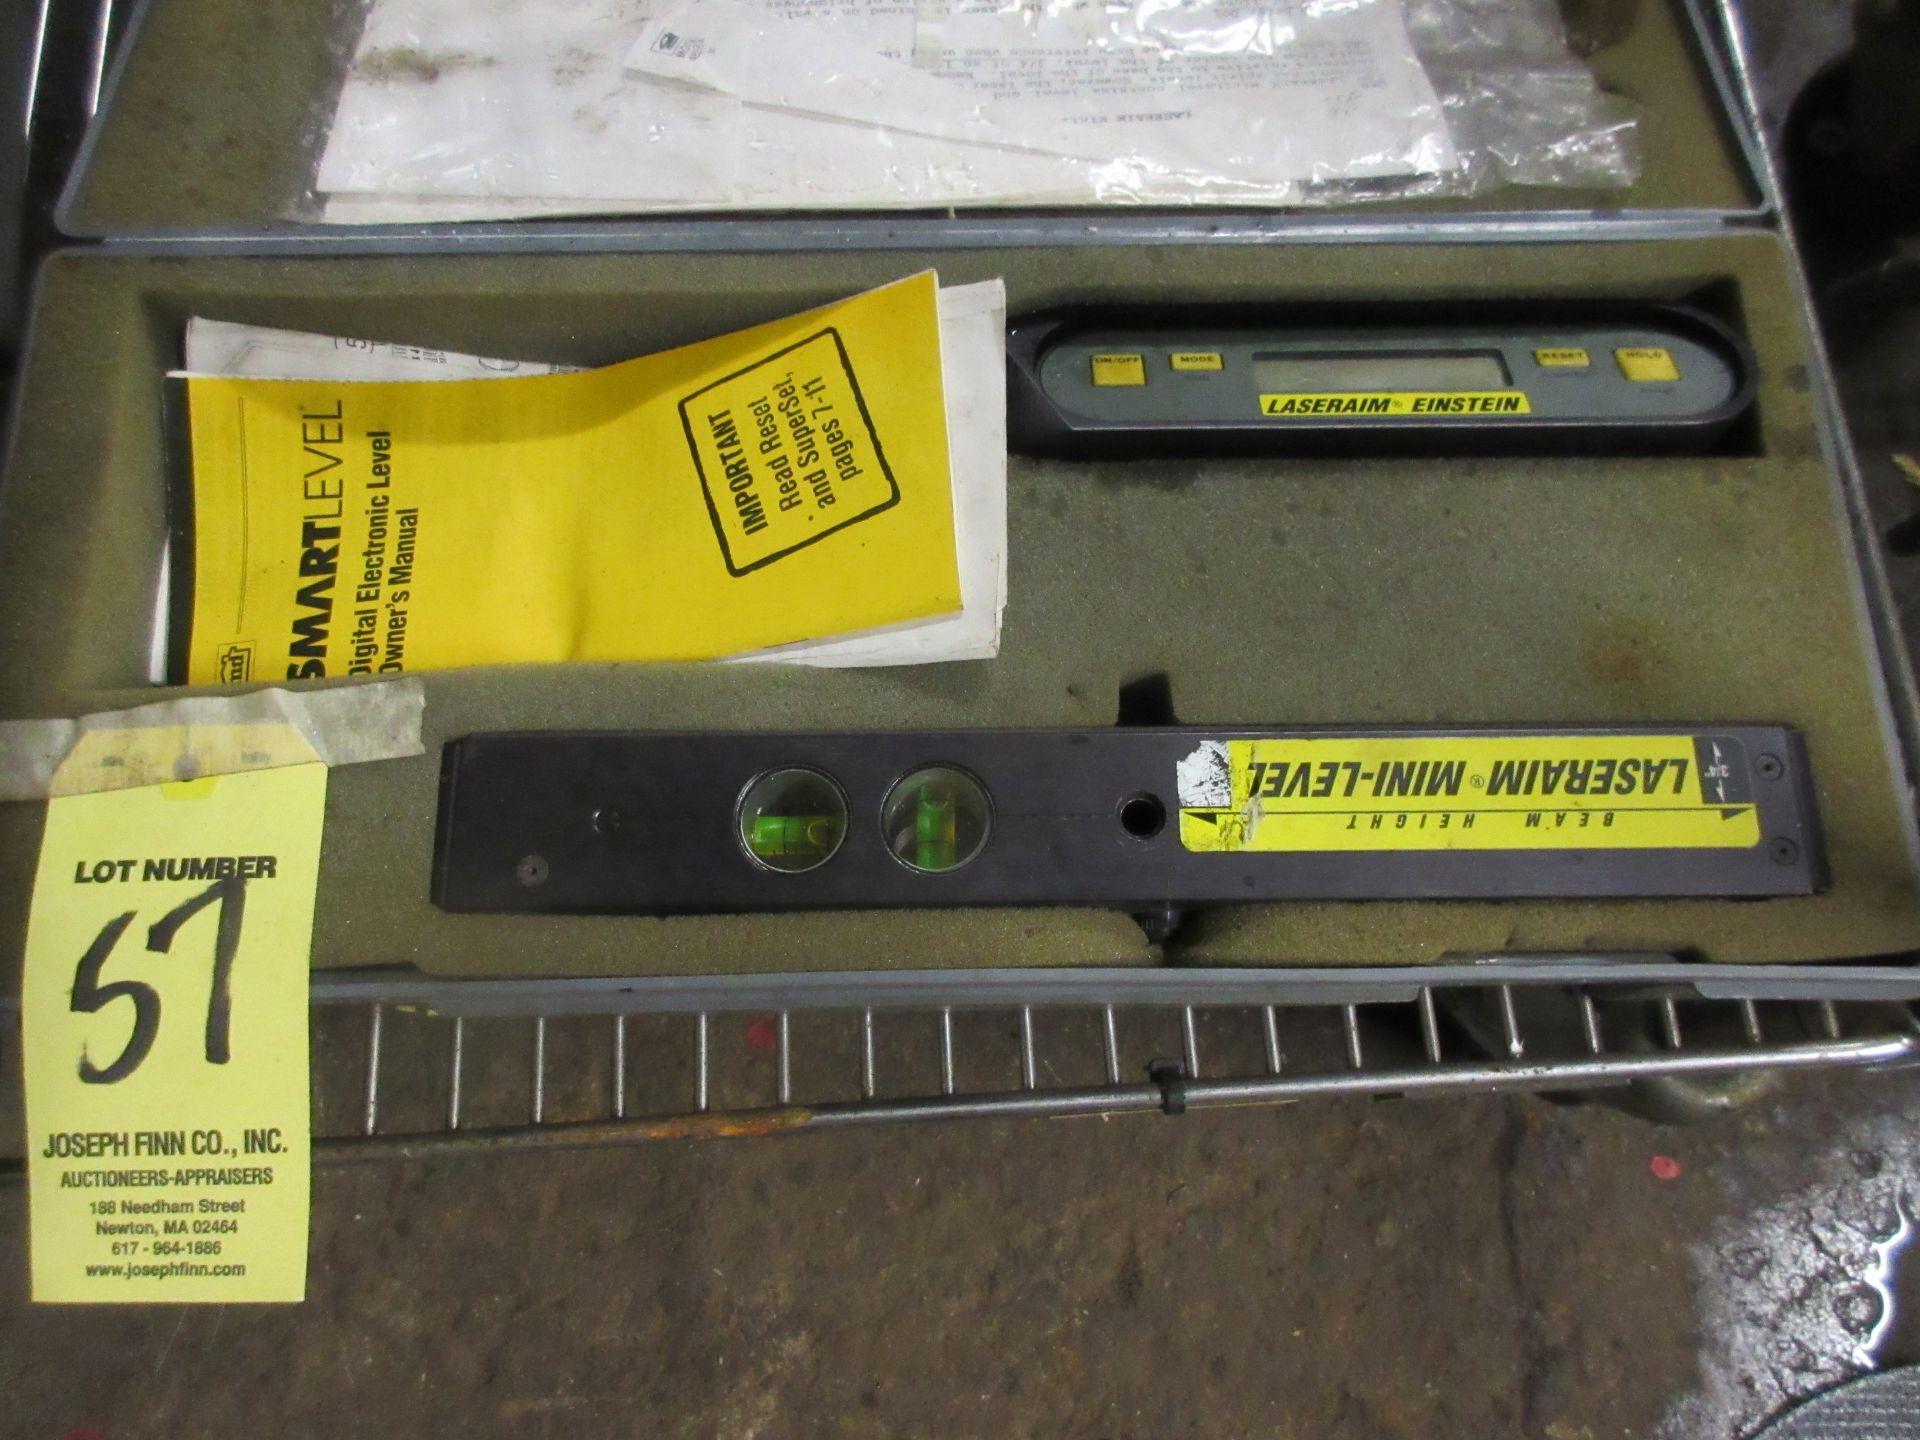 (1) Laseraim Mini Level